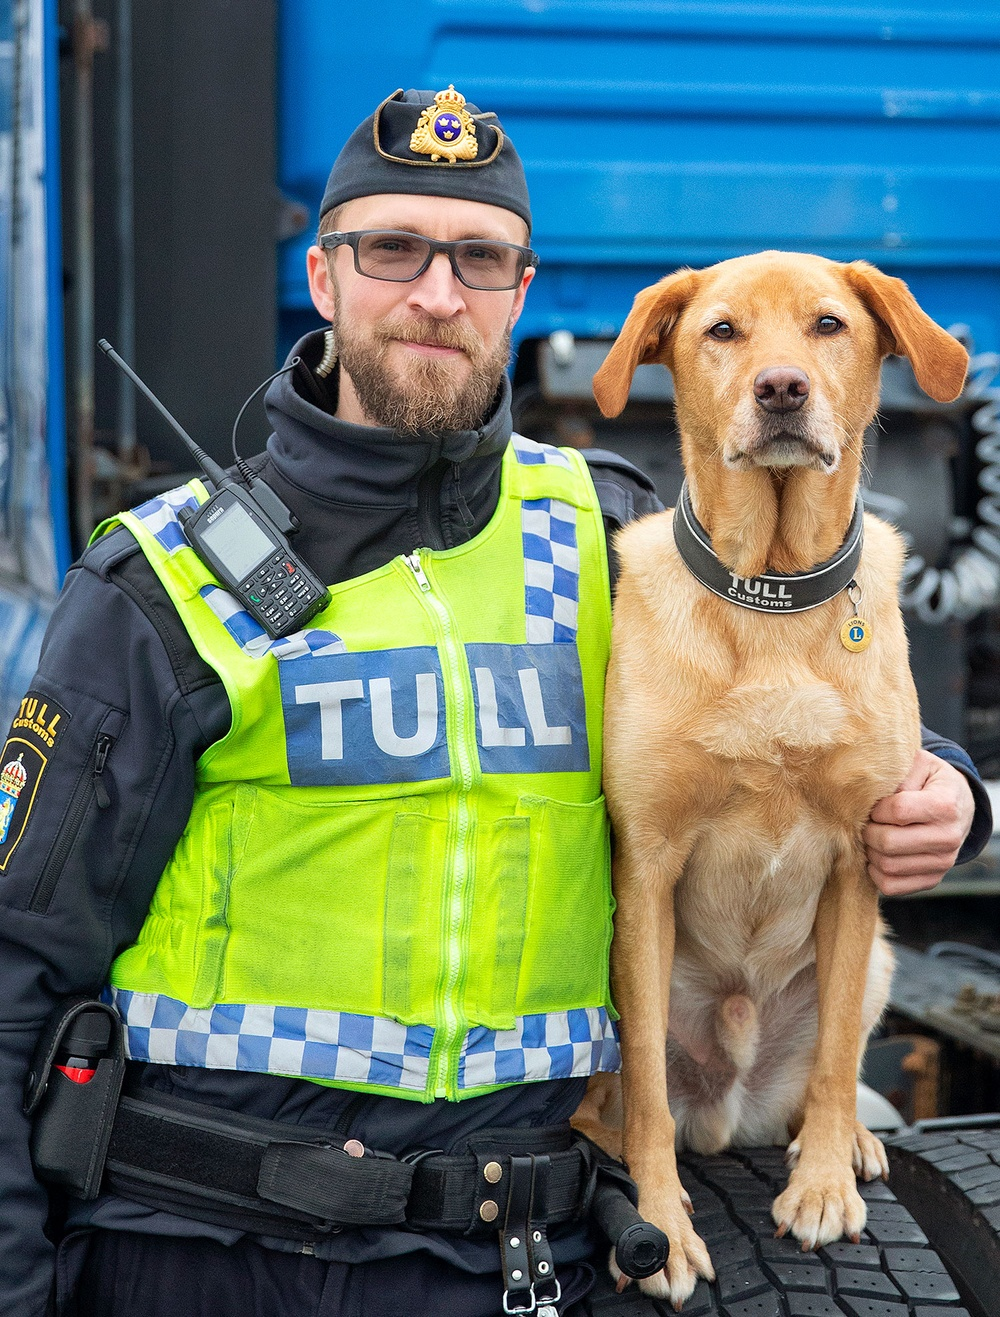 Årets narkotikasökhund 2020 heter Harry och arbetar tillsammans med sin förare Kim Holm vid Brottsbekämpnigsgrupp Malmö. Foto: Mette Ottosson